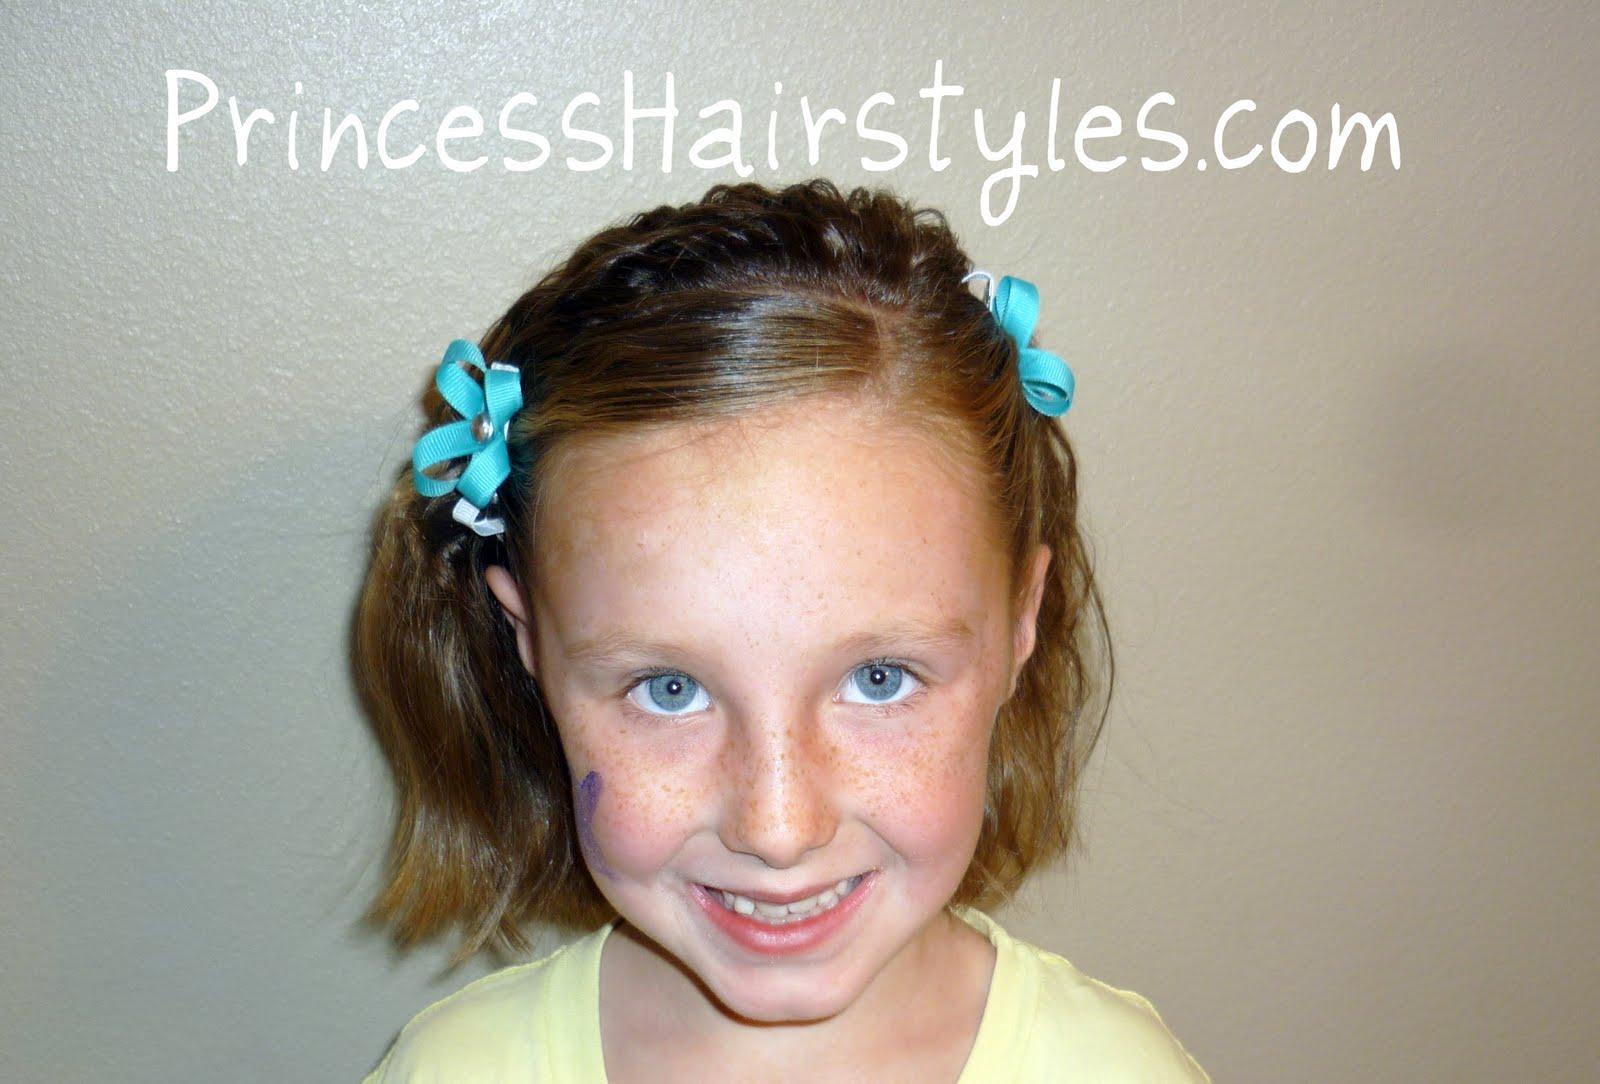 http://2.bp.blogspot.com/_p0Kt28QRU1I/THazbQ4Qu7I/AAAAAAAAGeM/Oipdgli5RzU/s1600/cute%2Blittle%2Bgirl%2Bstyle.jpg